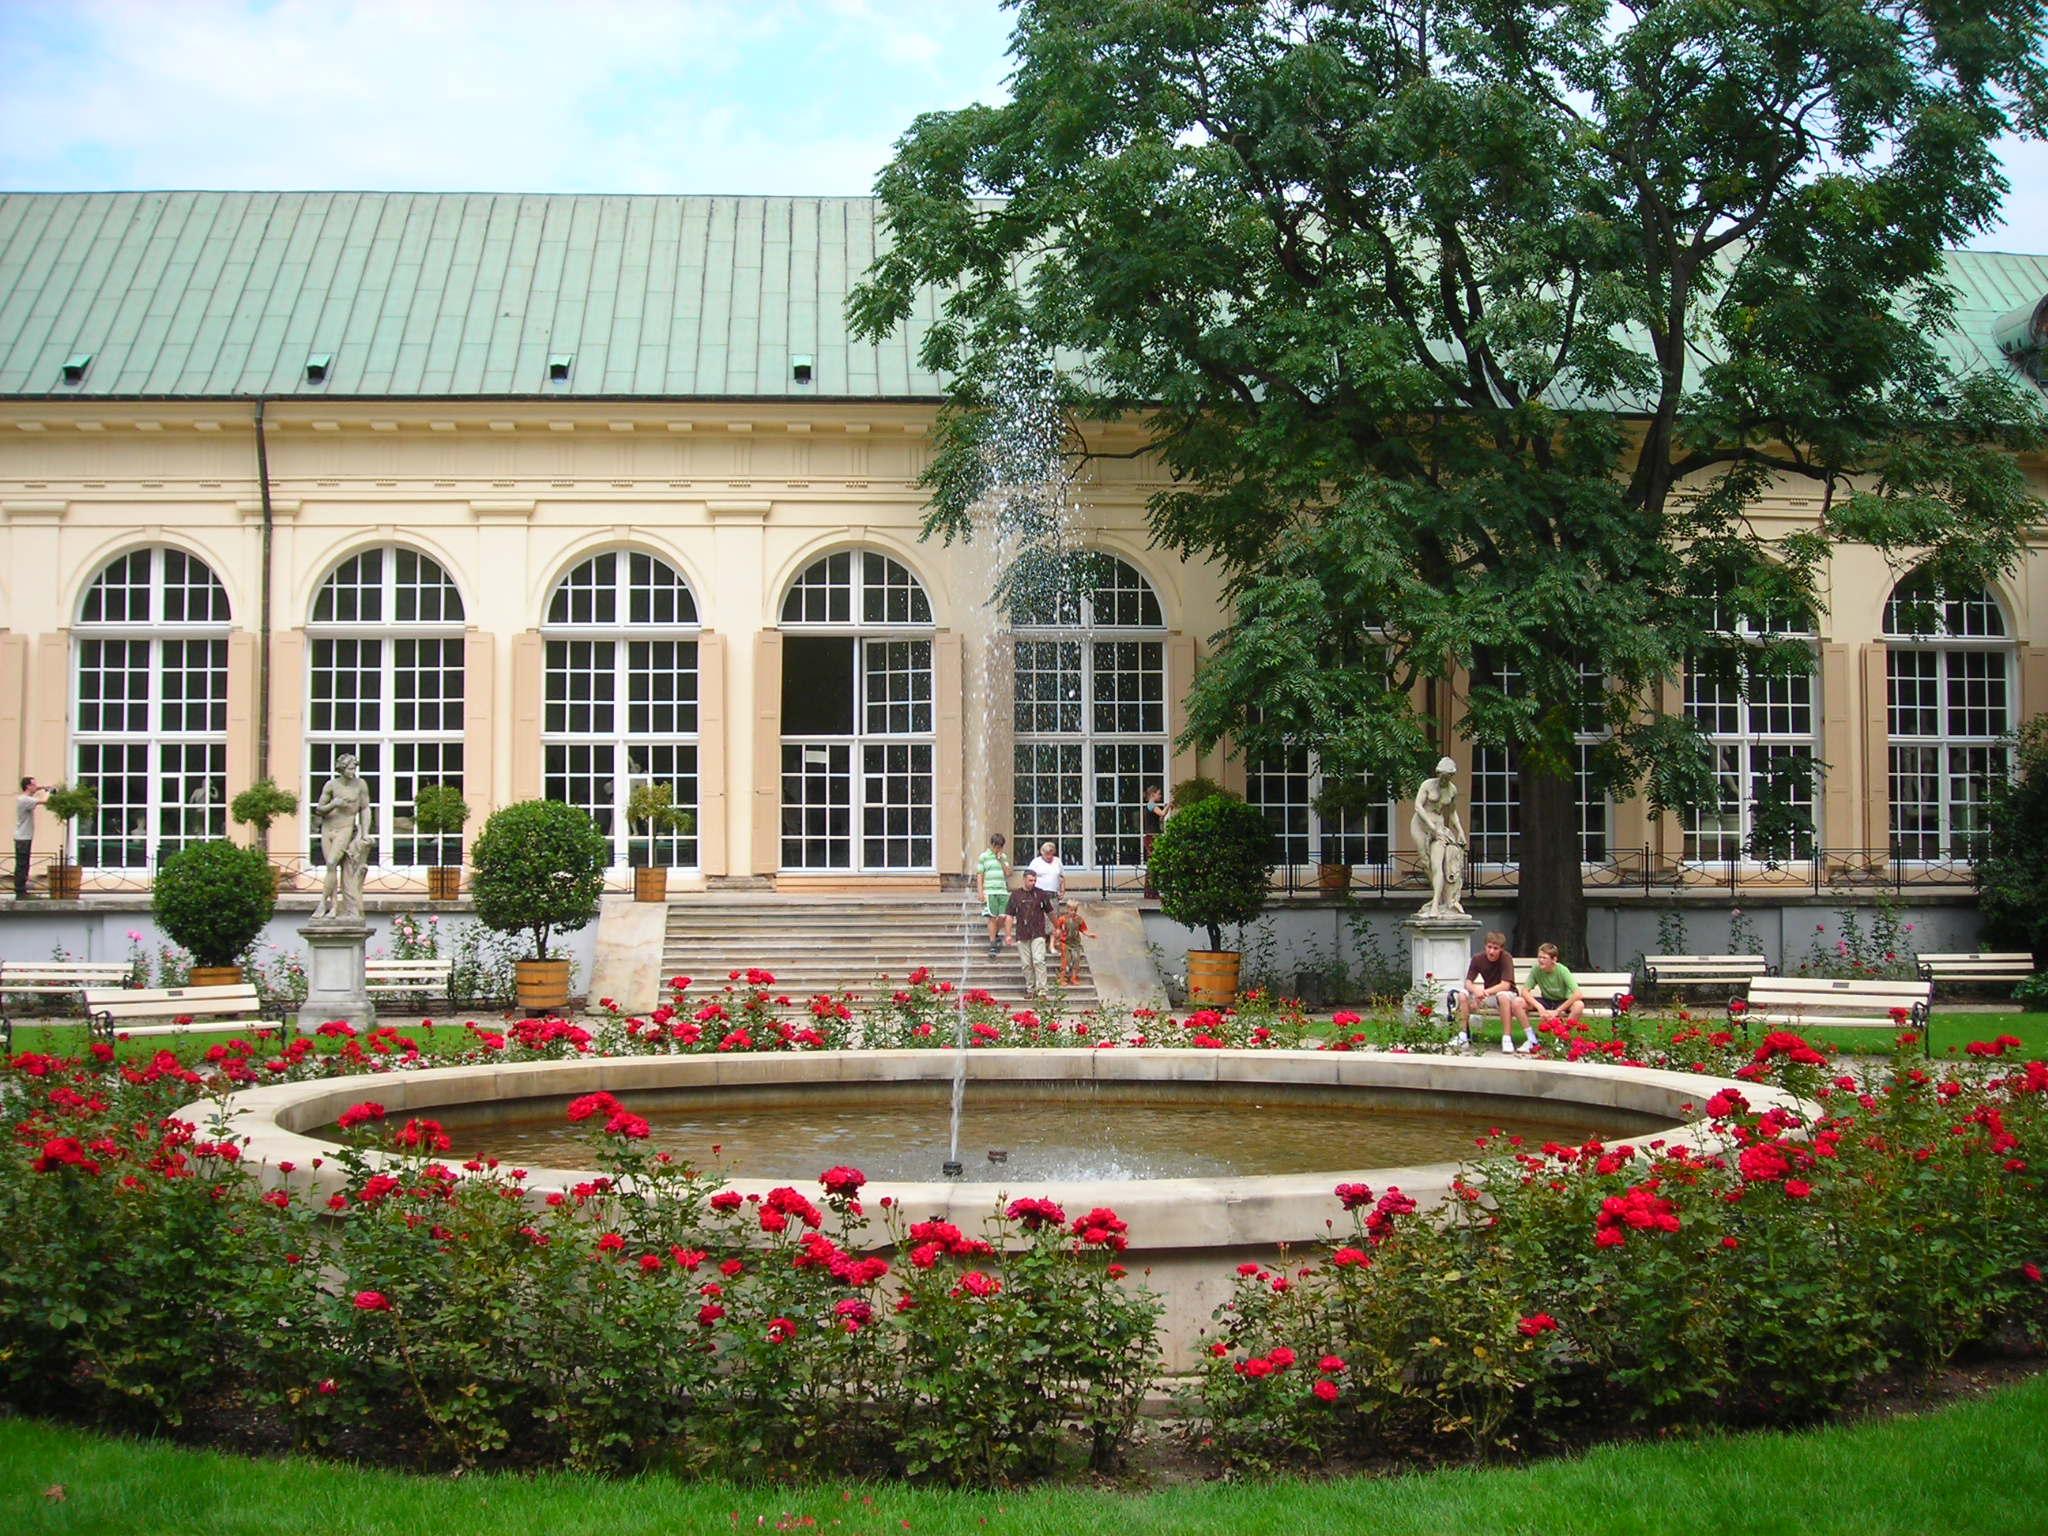 Stara Pomarańczarnia, Łazienki Królewskie w Warszawie (fot. Justyna Kuska)